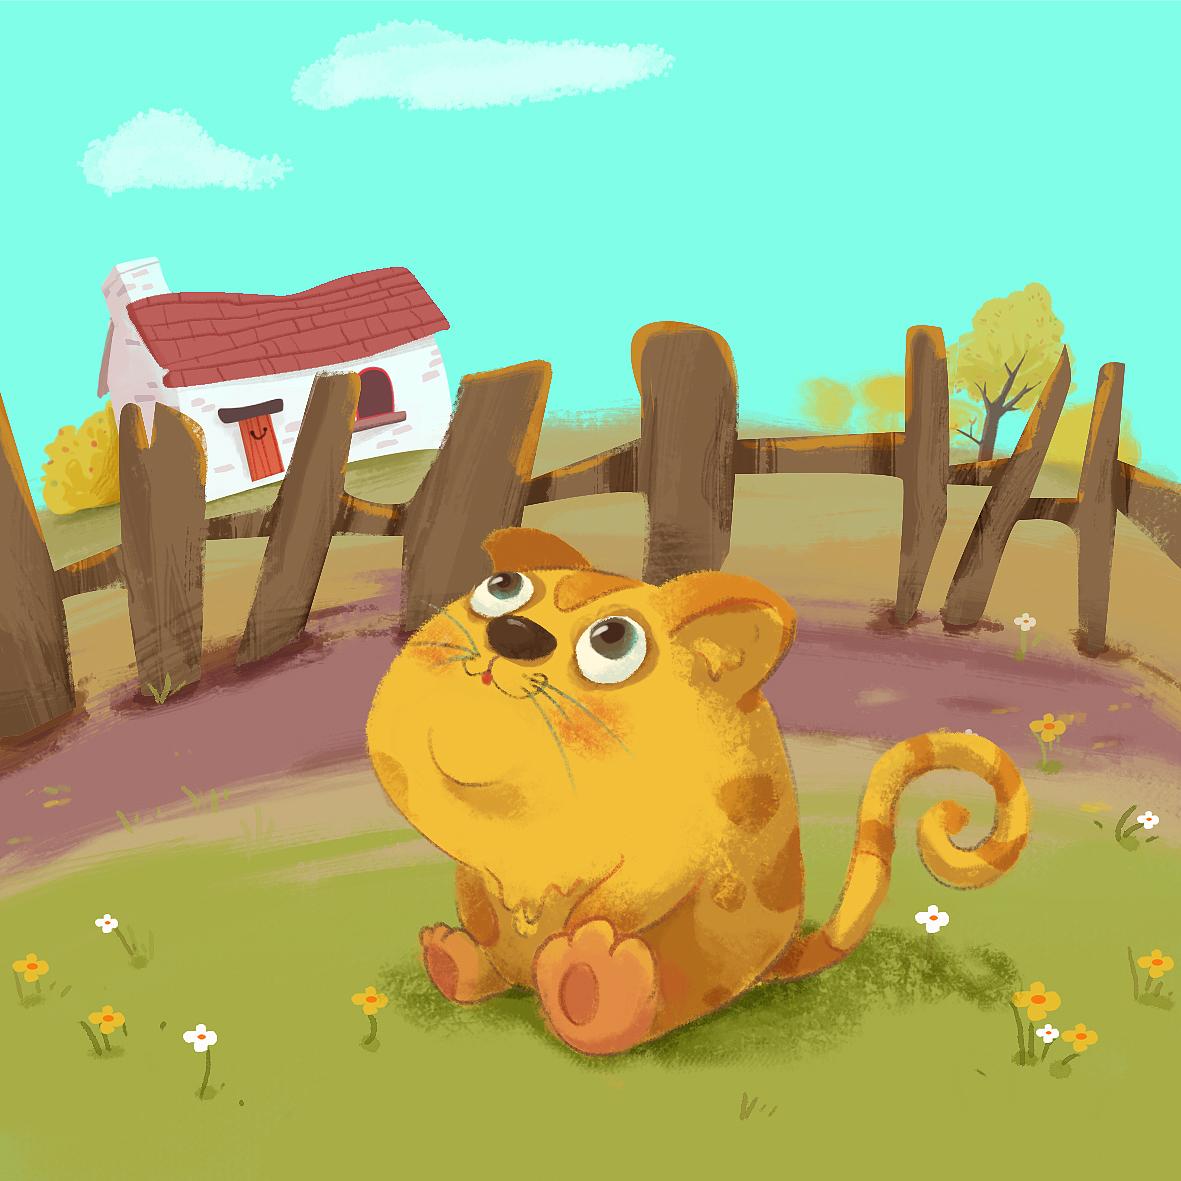 农场小动物图片